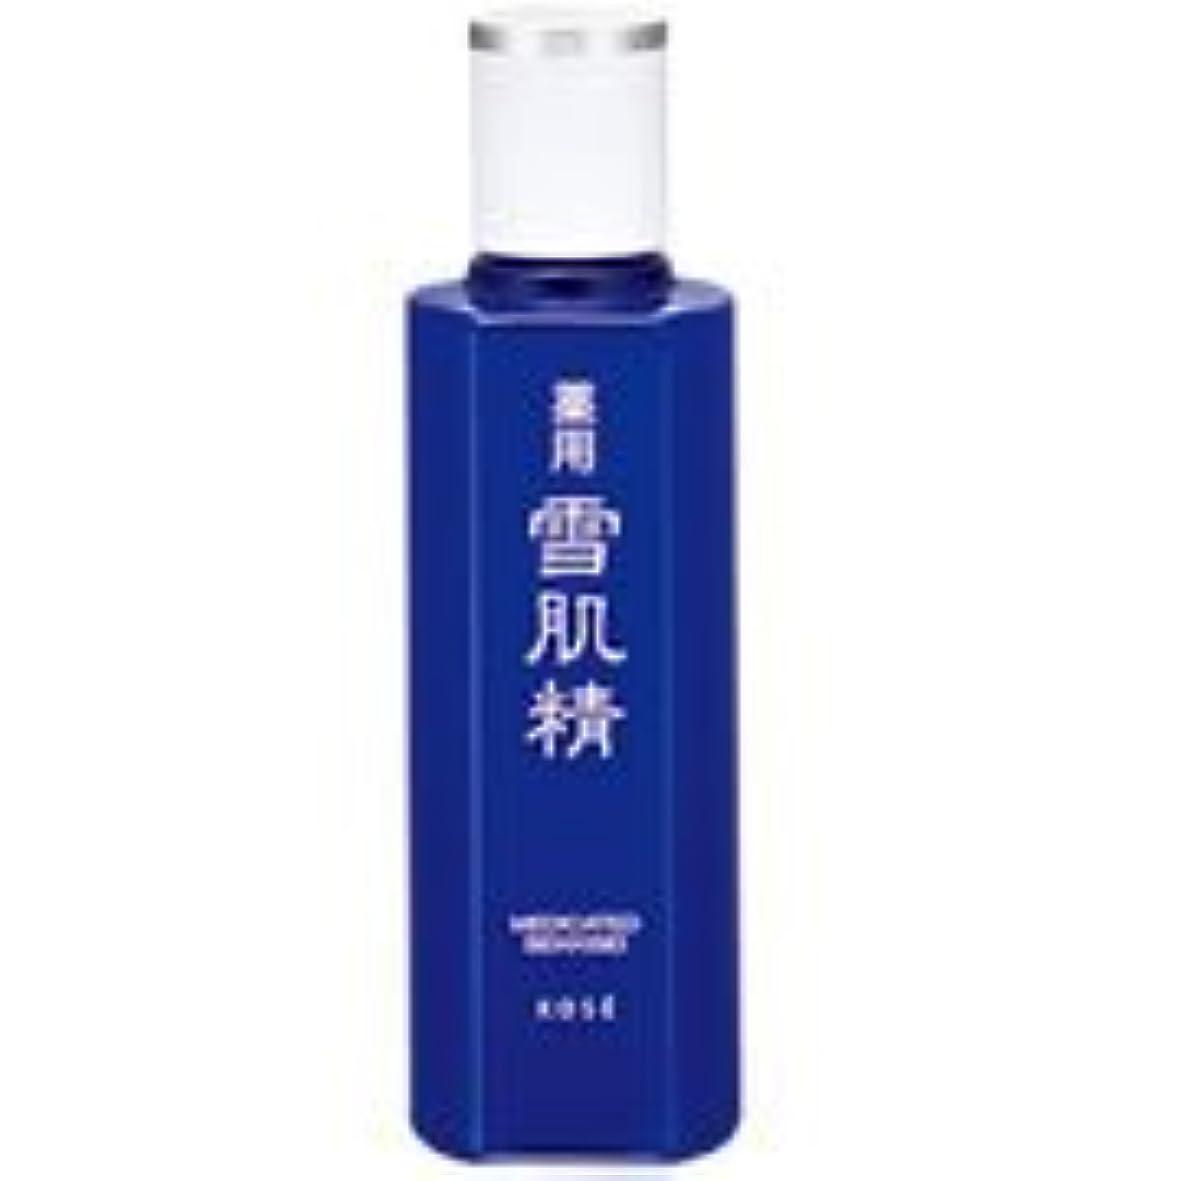 落とし穴順番マニュアルコーセー 薬用 雪肌精 化粧水 限定 トライアルサイズ 140ml